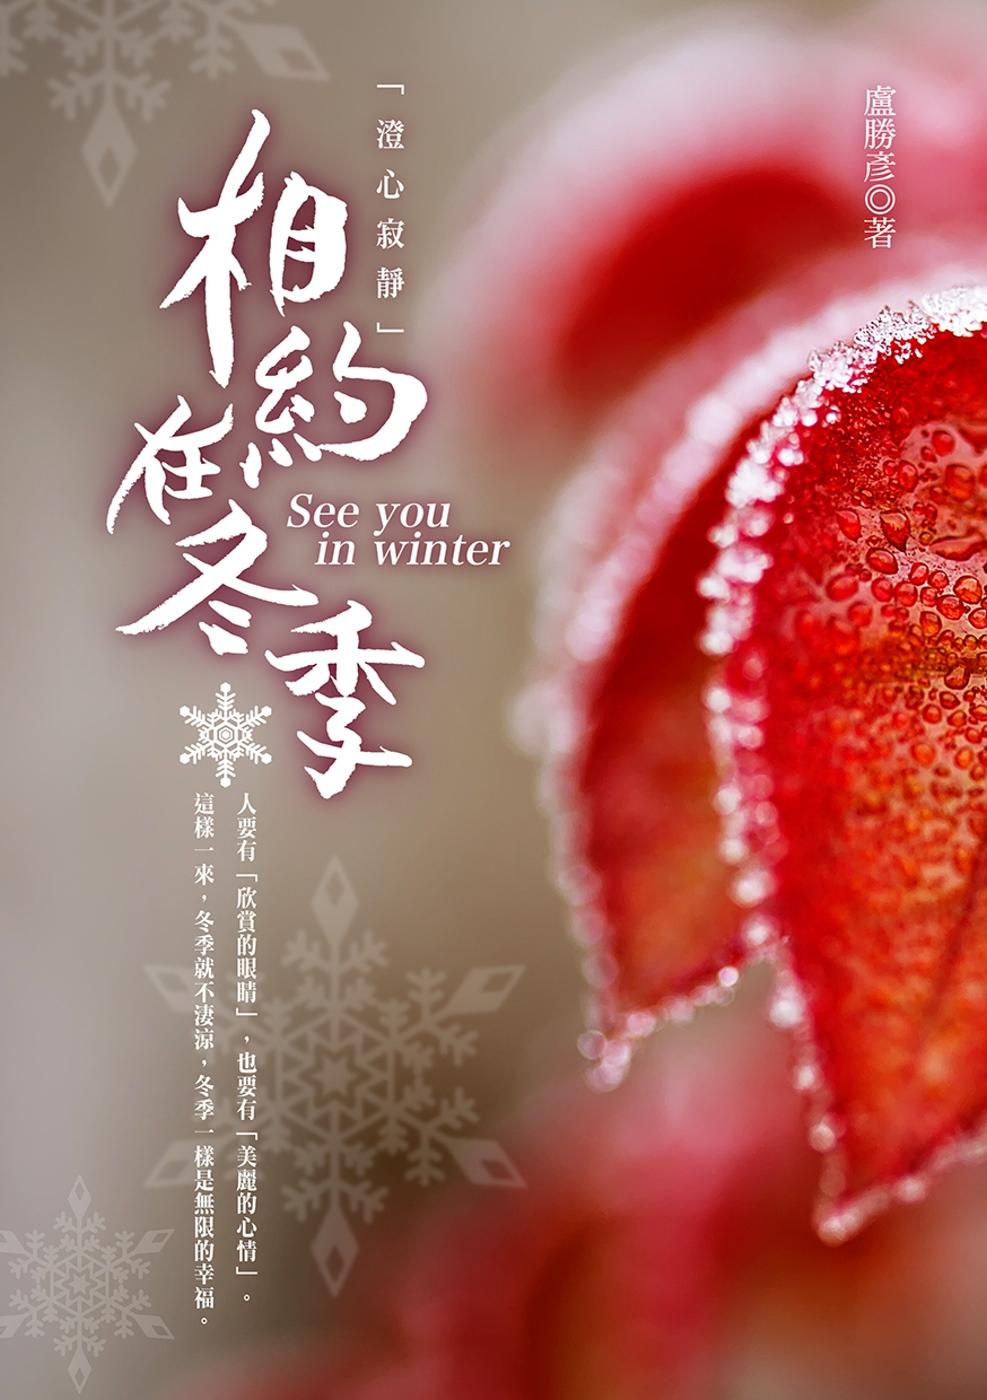 相約在冬季:澄心寂靜